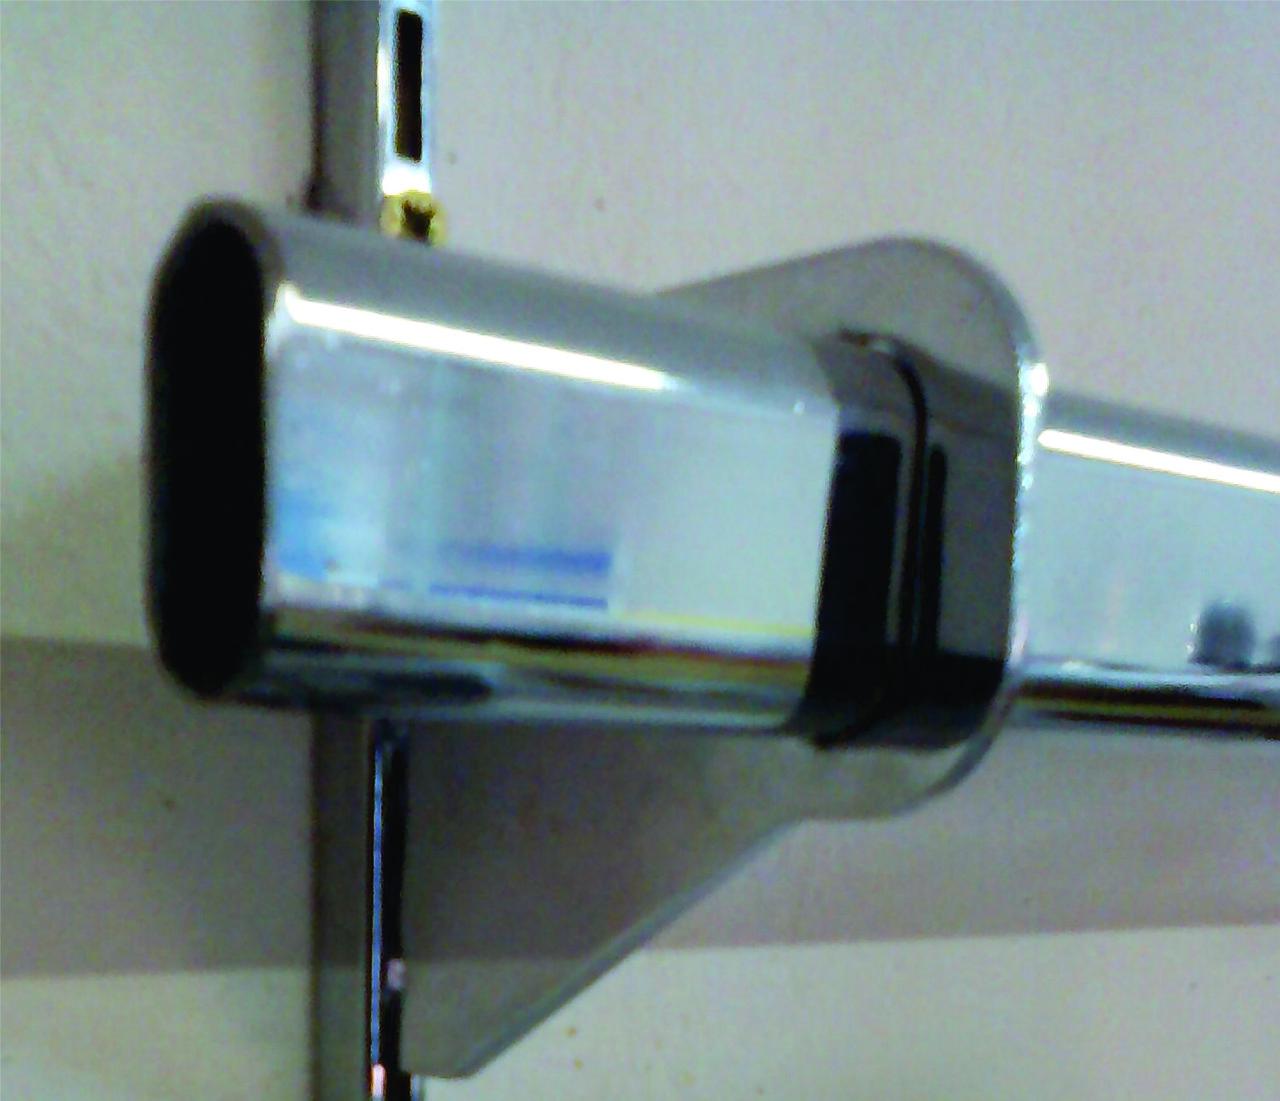 Торговое оборудование - полкодержатель для овальной трубы  на Vertikal 70мм